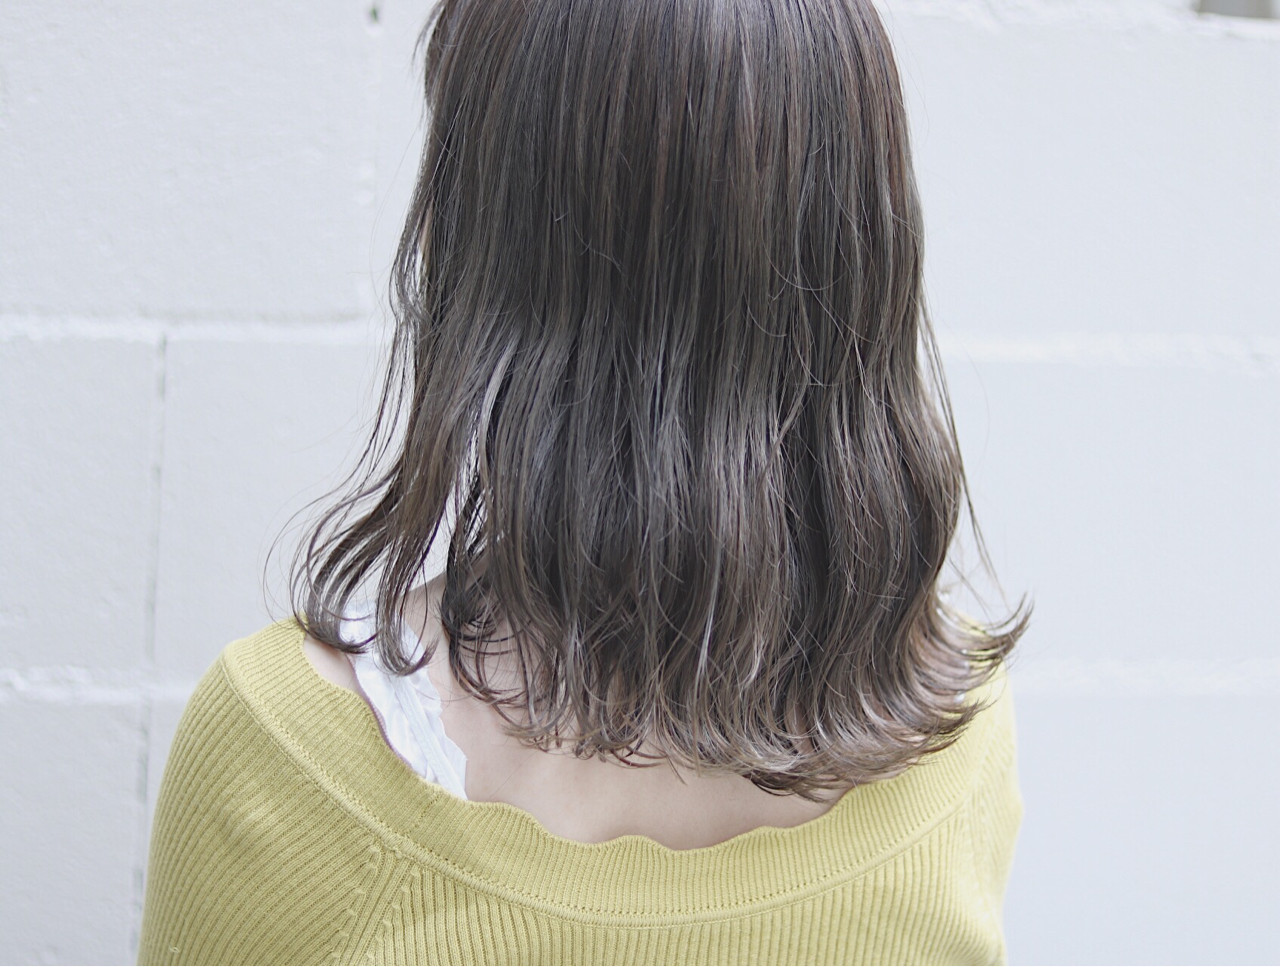 ナチュラル 切りっぱなし ミディアム イルミナカラー ヘアスタイルや髪型の写真・画像